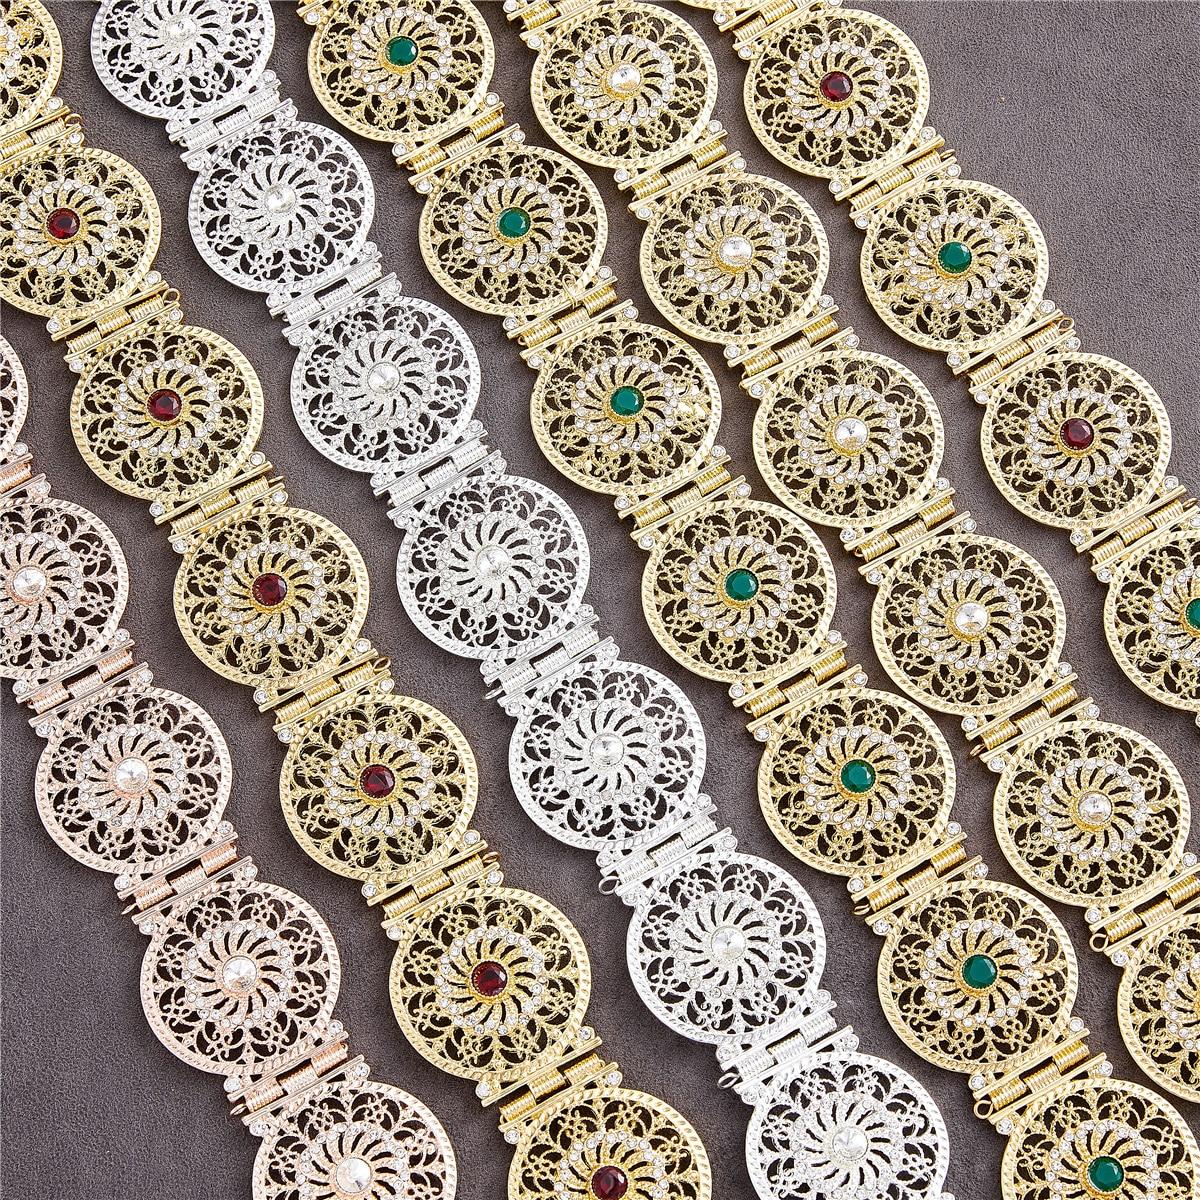 2021 يوليو الجزائر المغربي شيك قفطان الزفاف الذهب والفضة اللون المعادن الفاخرة حزام للنساء حزام سلسلة قابل للتعديل طول